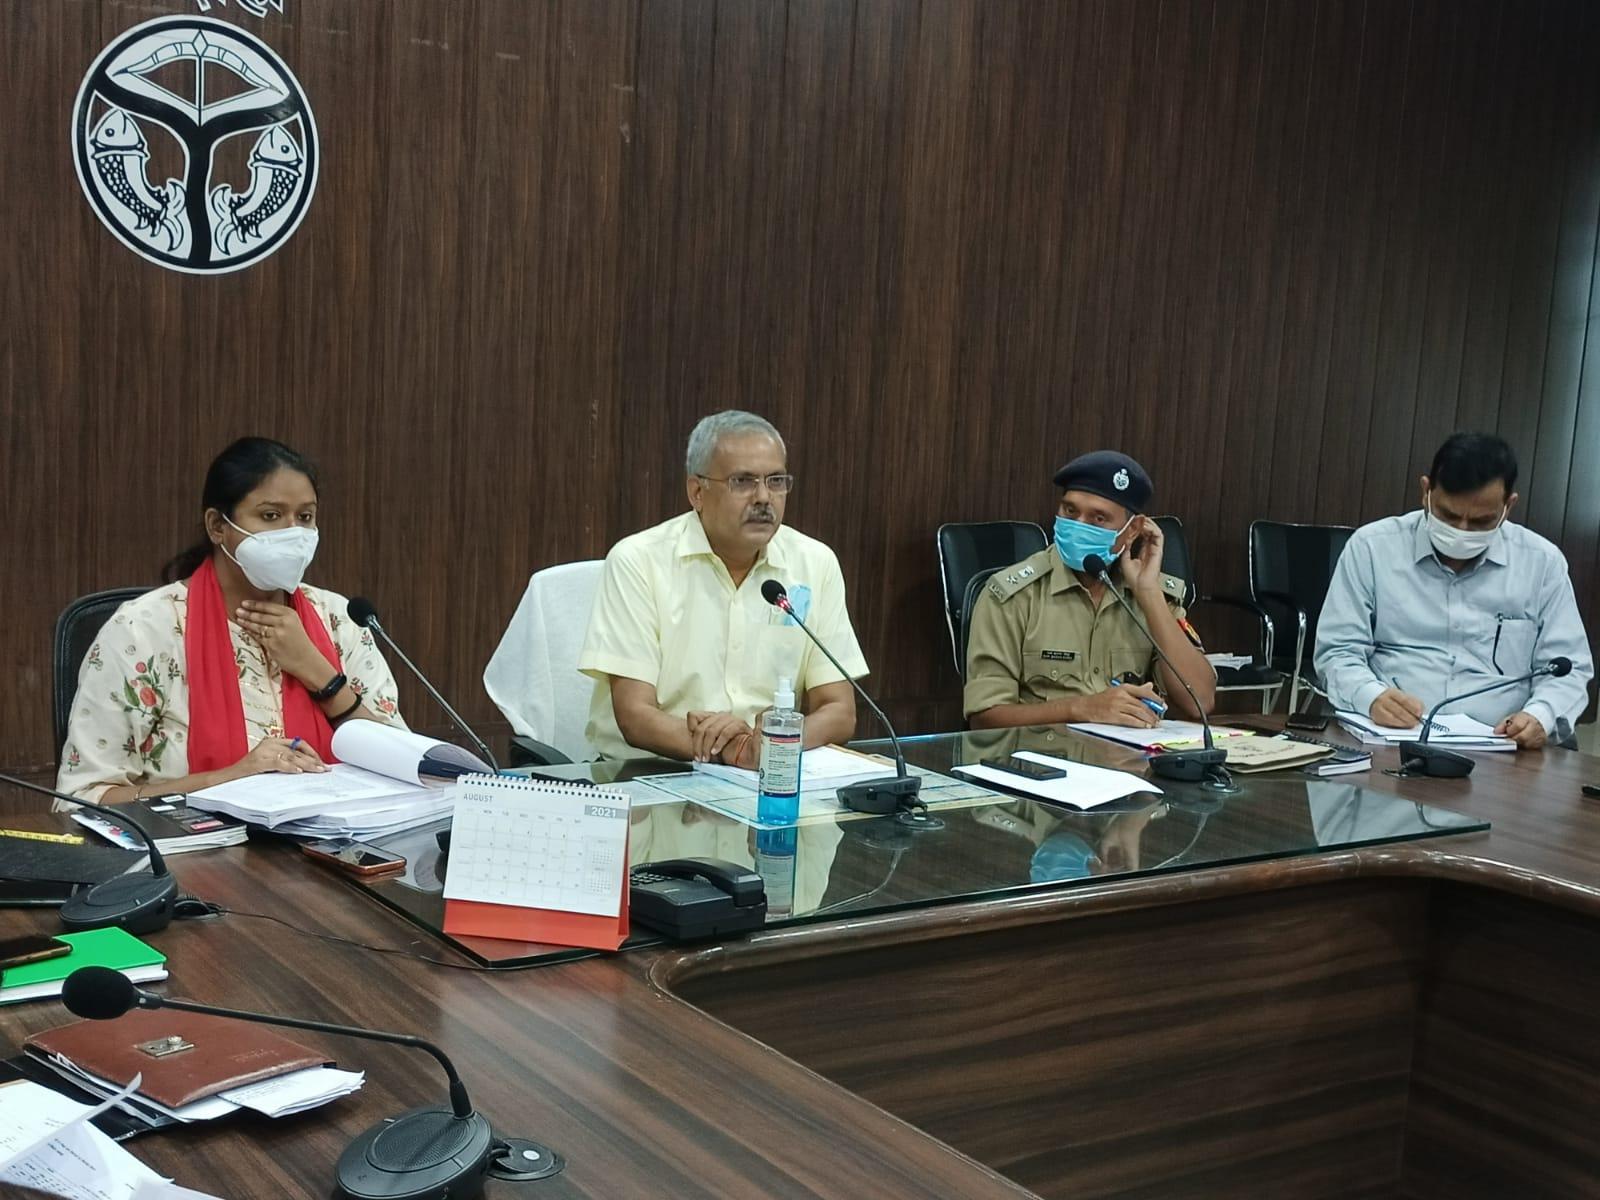 हिंदी समाचार |सरकारी जमीनों पर अवैध कब्जा...